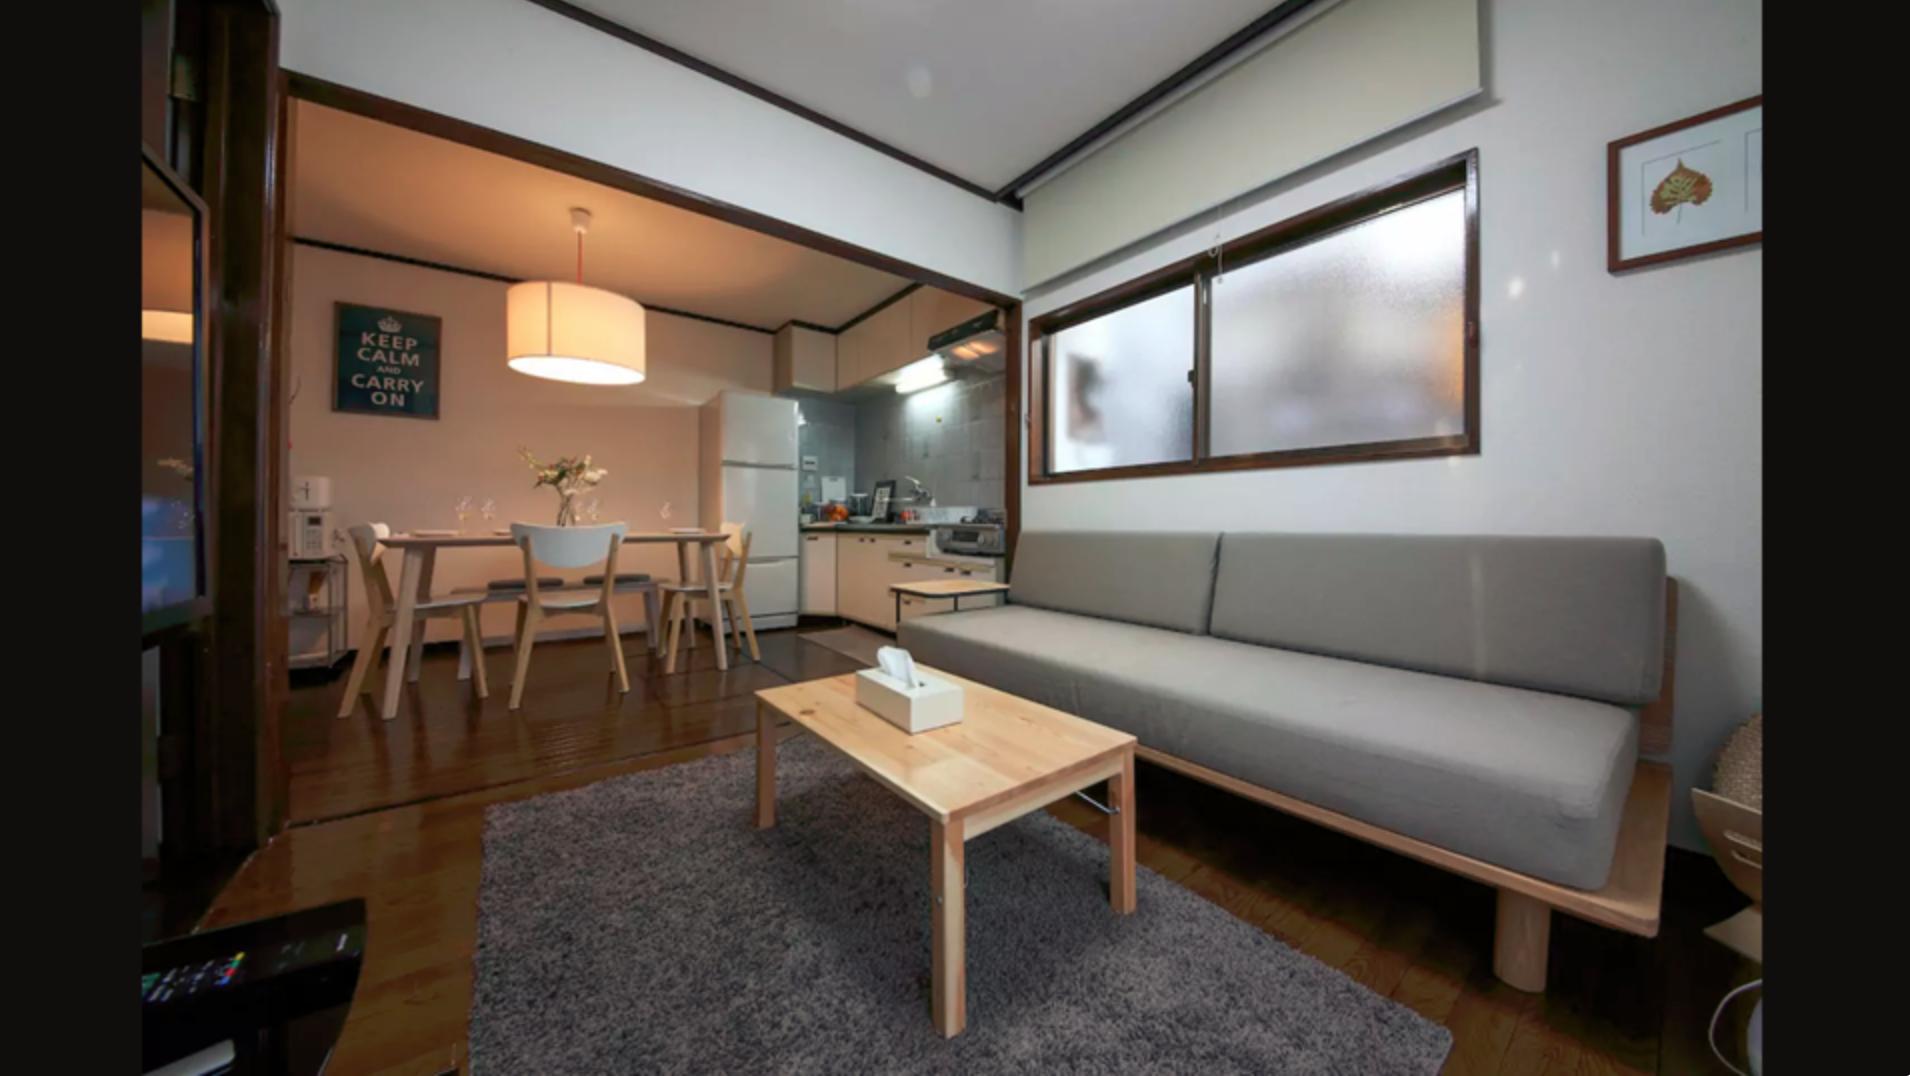 2BR Family House in Shinjuku - KS